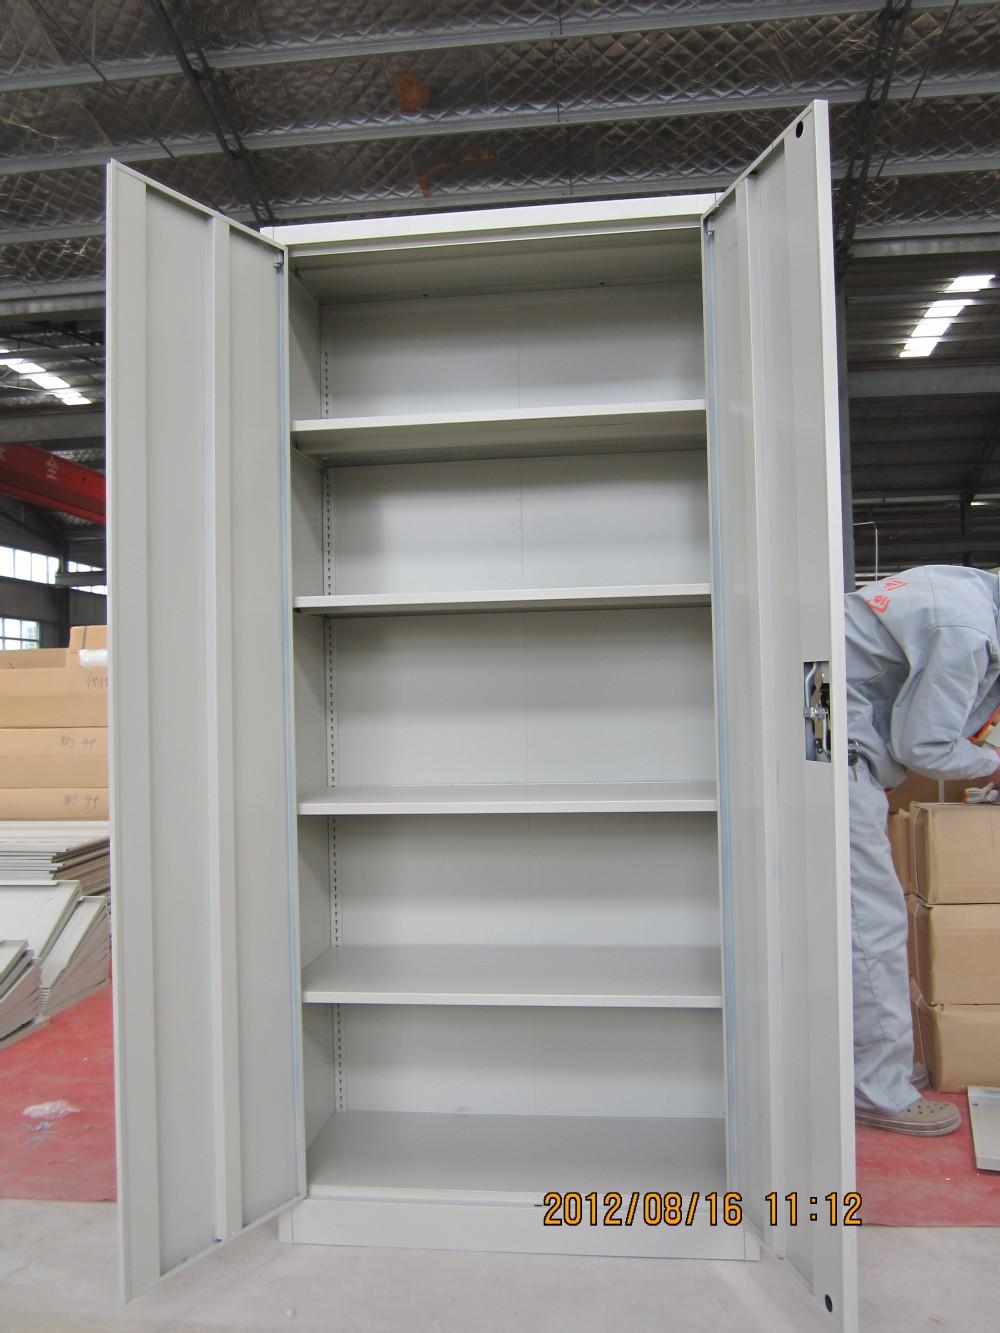 Double Door Grey Color Metal Cabinet Shelf Support 4 Adjule Shelves Office Furniture